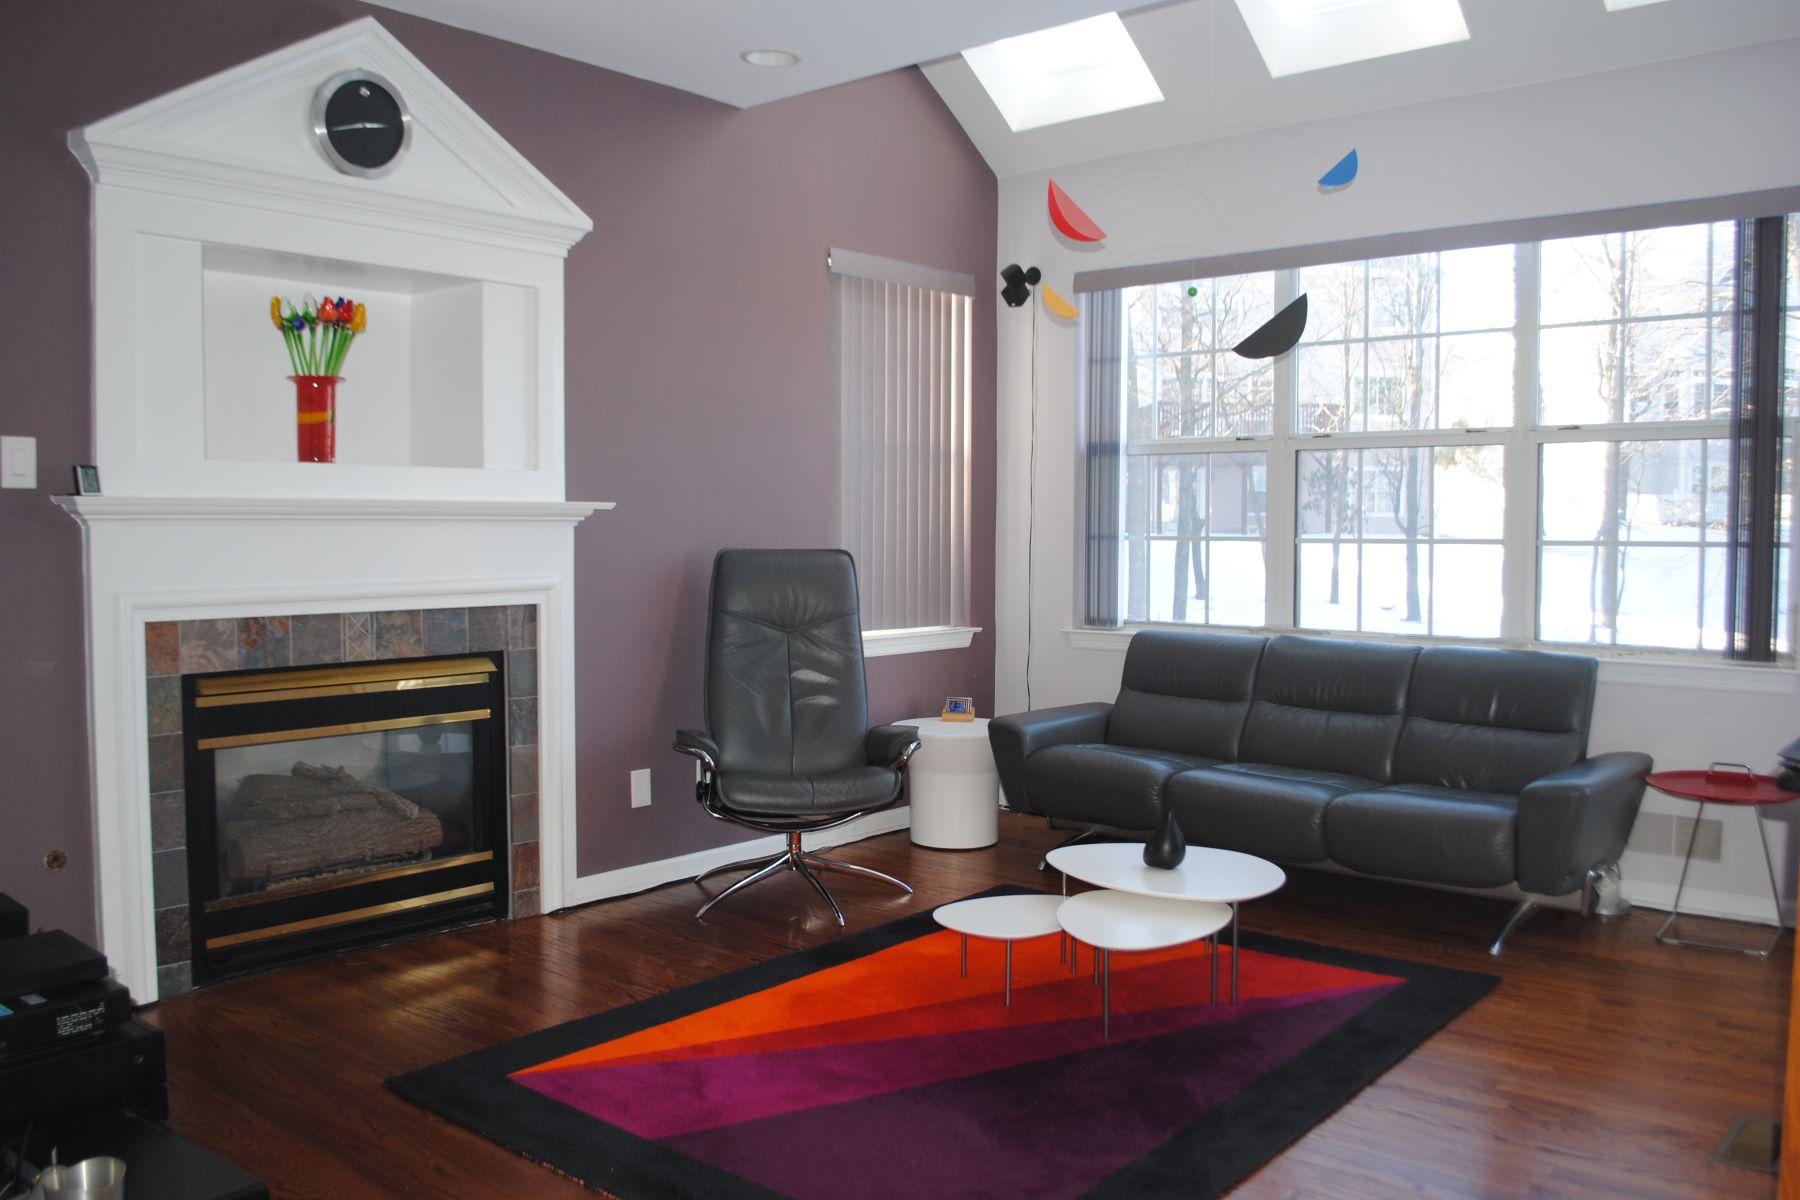 Additional photo for property listing at 30 Carlisle Road 30 Carlisle Road Basking Ridge, New Jersey 07920 United States